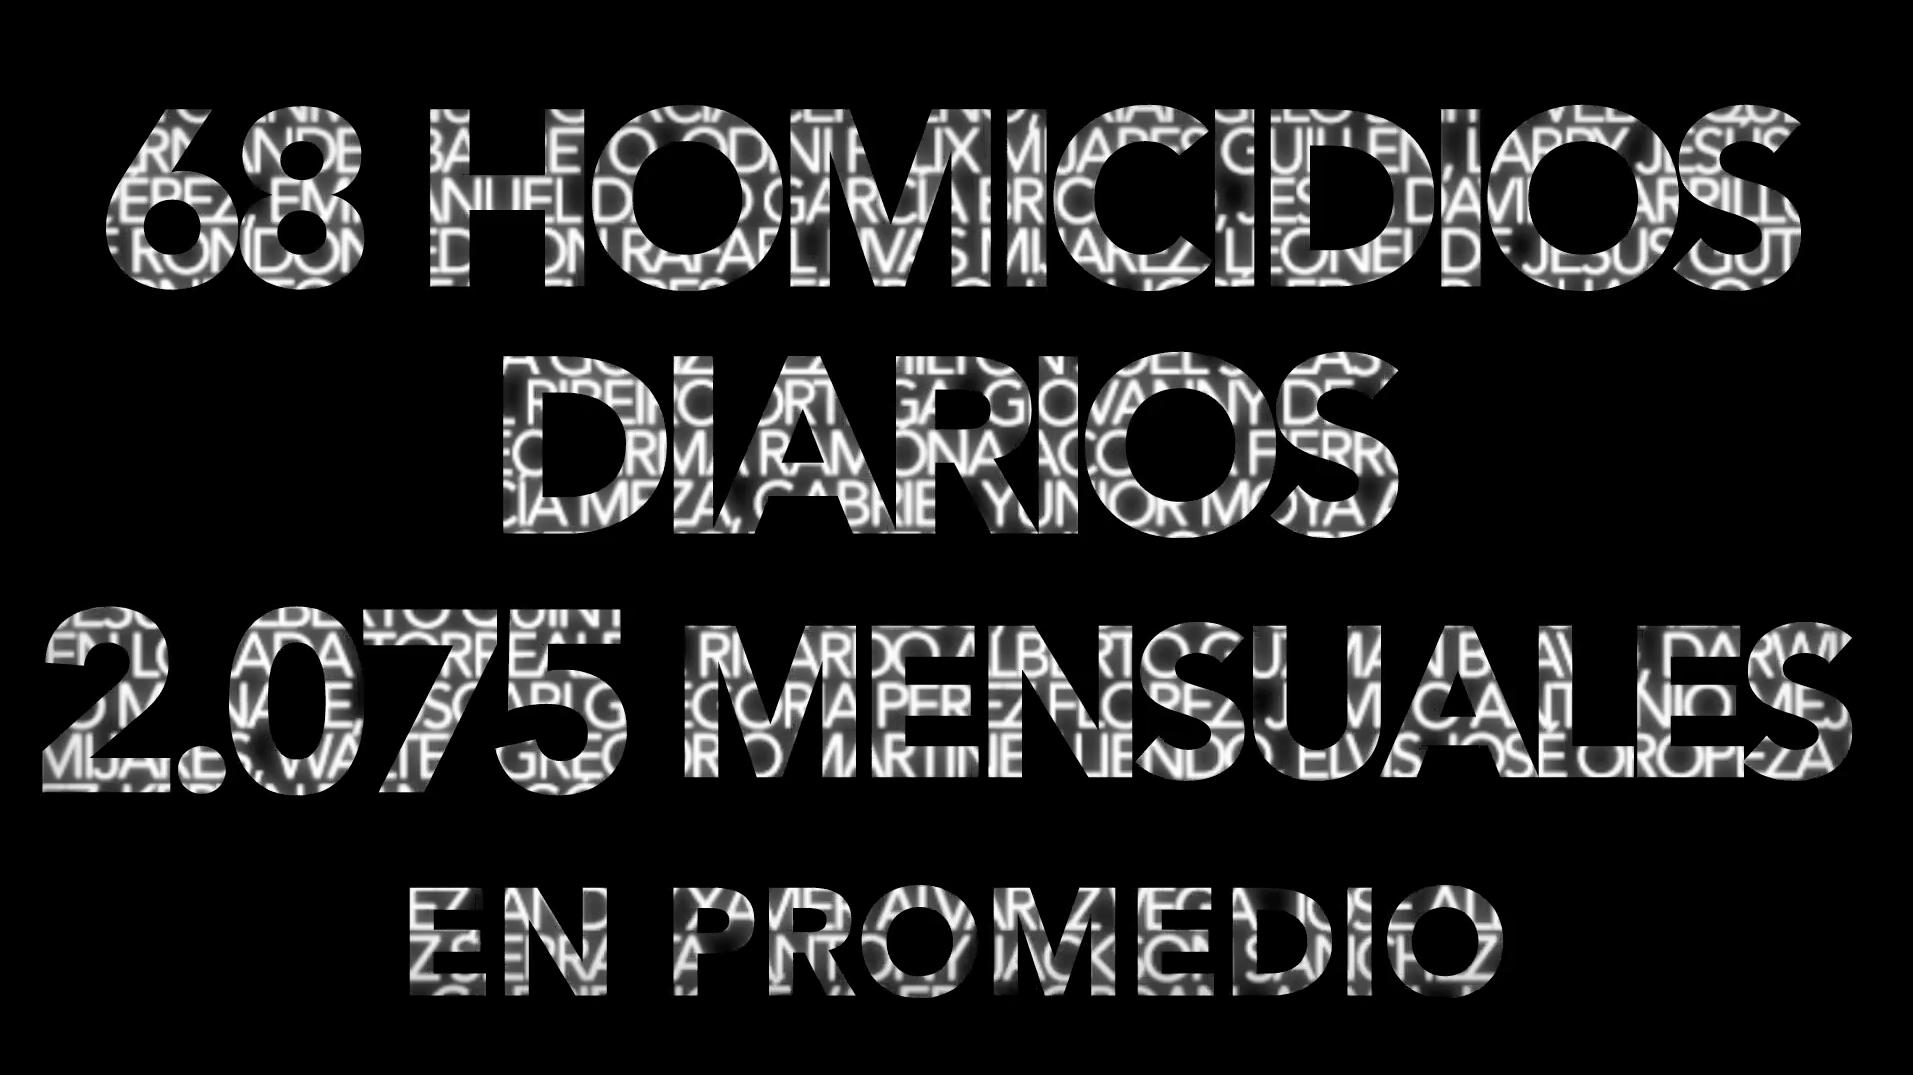 Las víctimas de homicidios en Venezuela tienen nombre y apellido